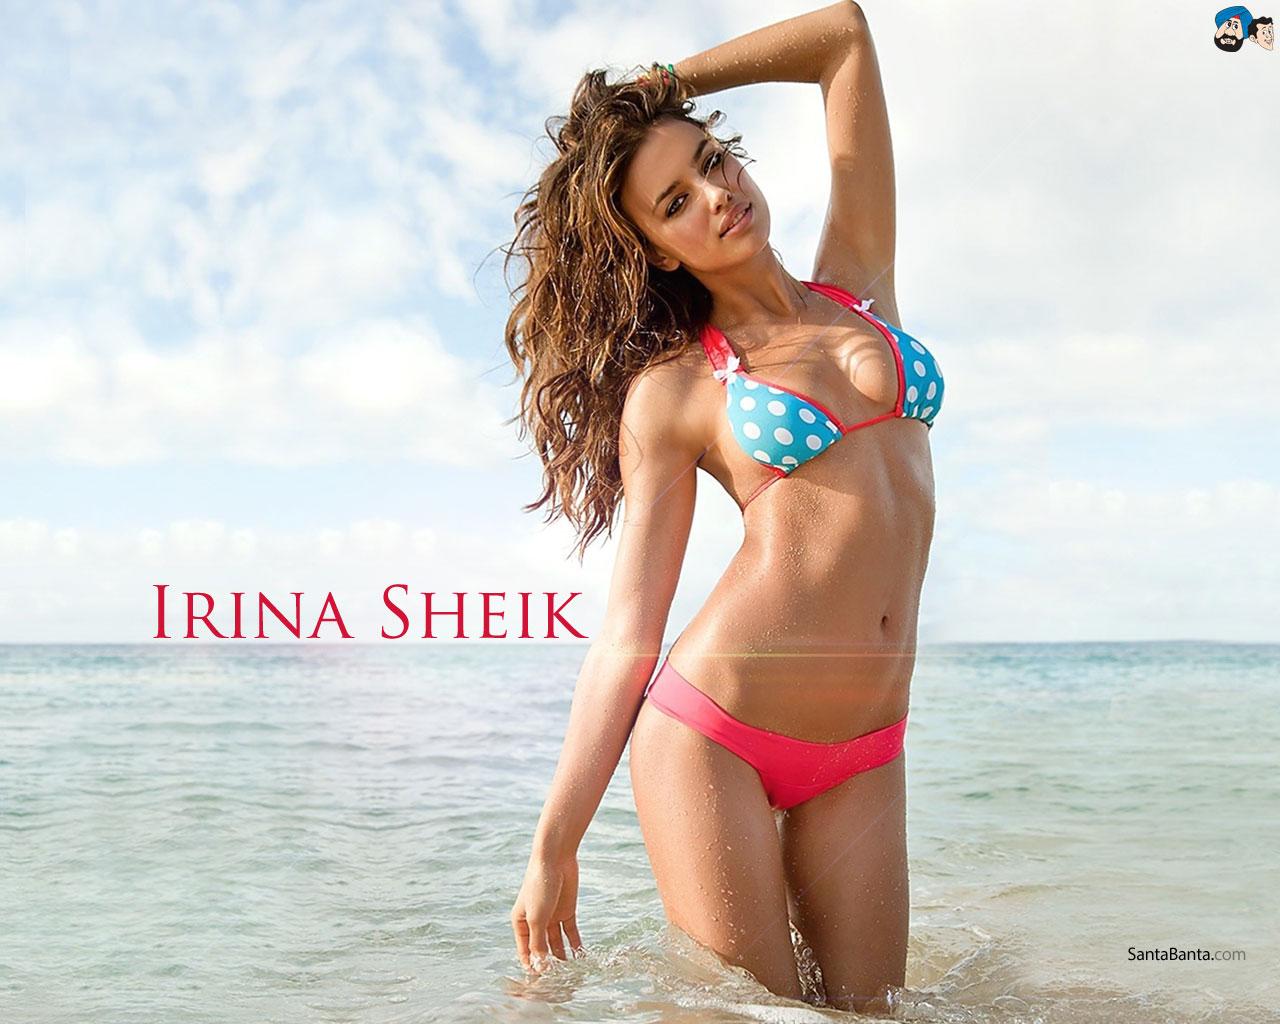 irina shayk images irina shayk hd wallpaper and background photos